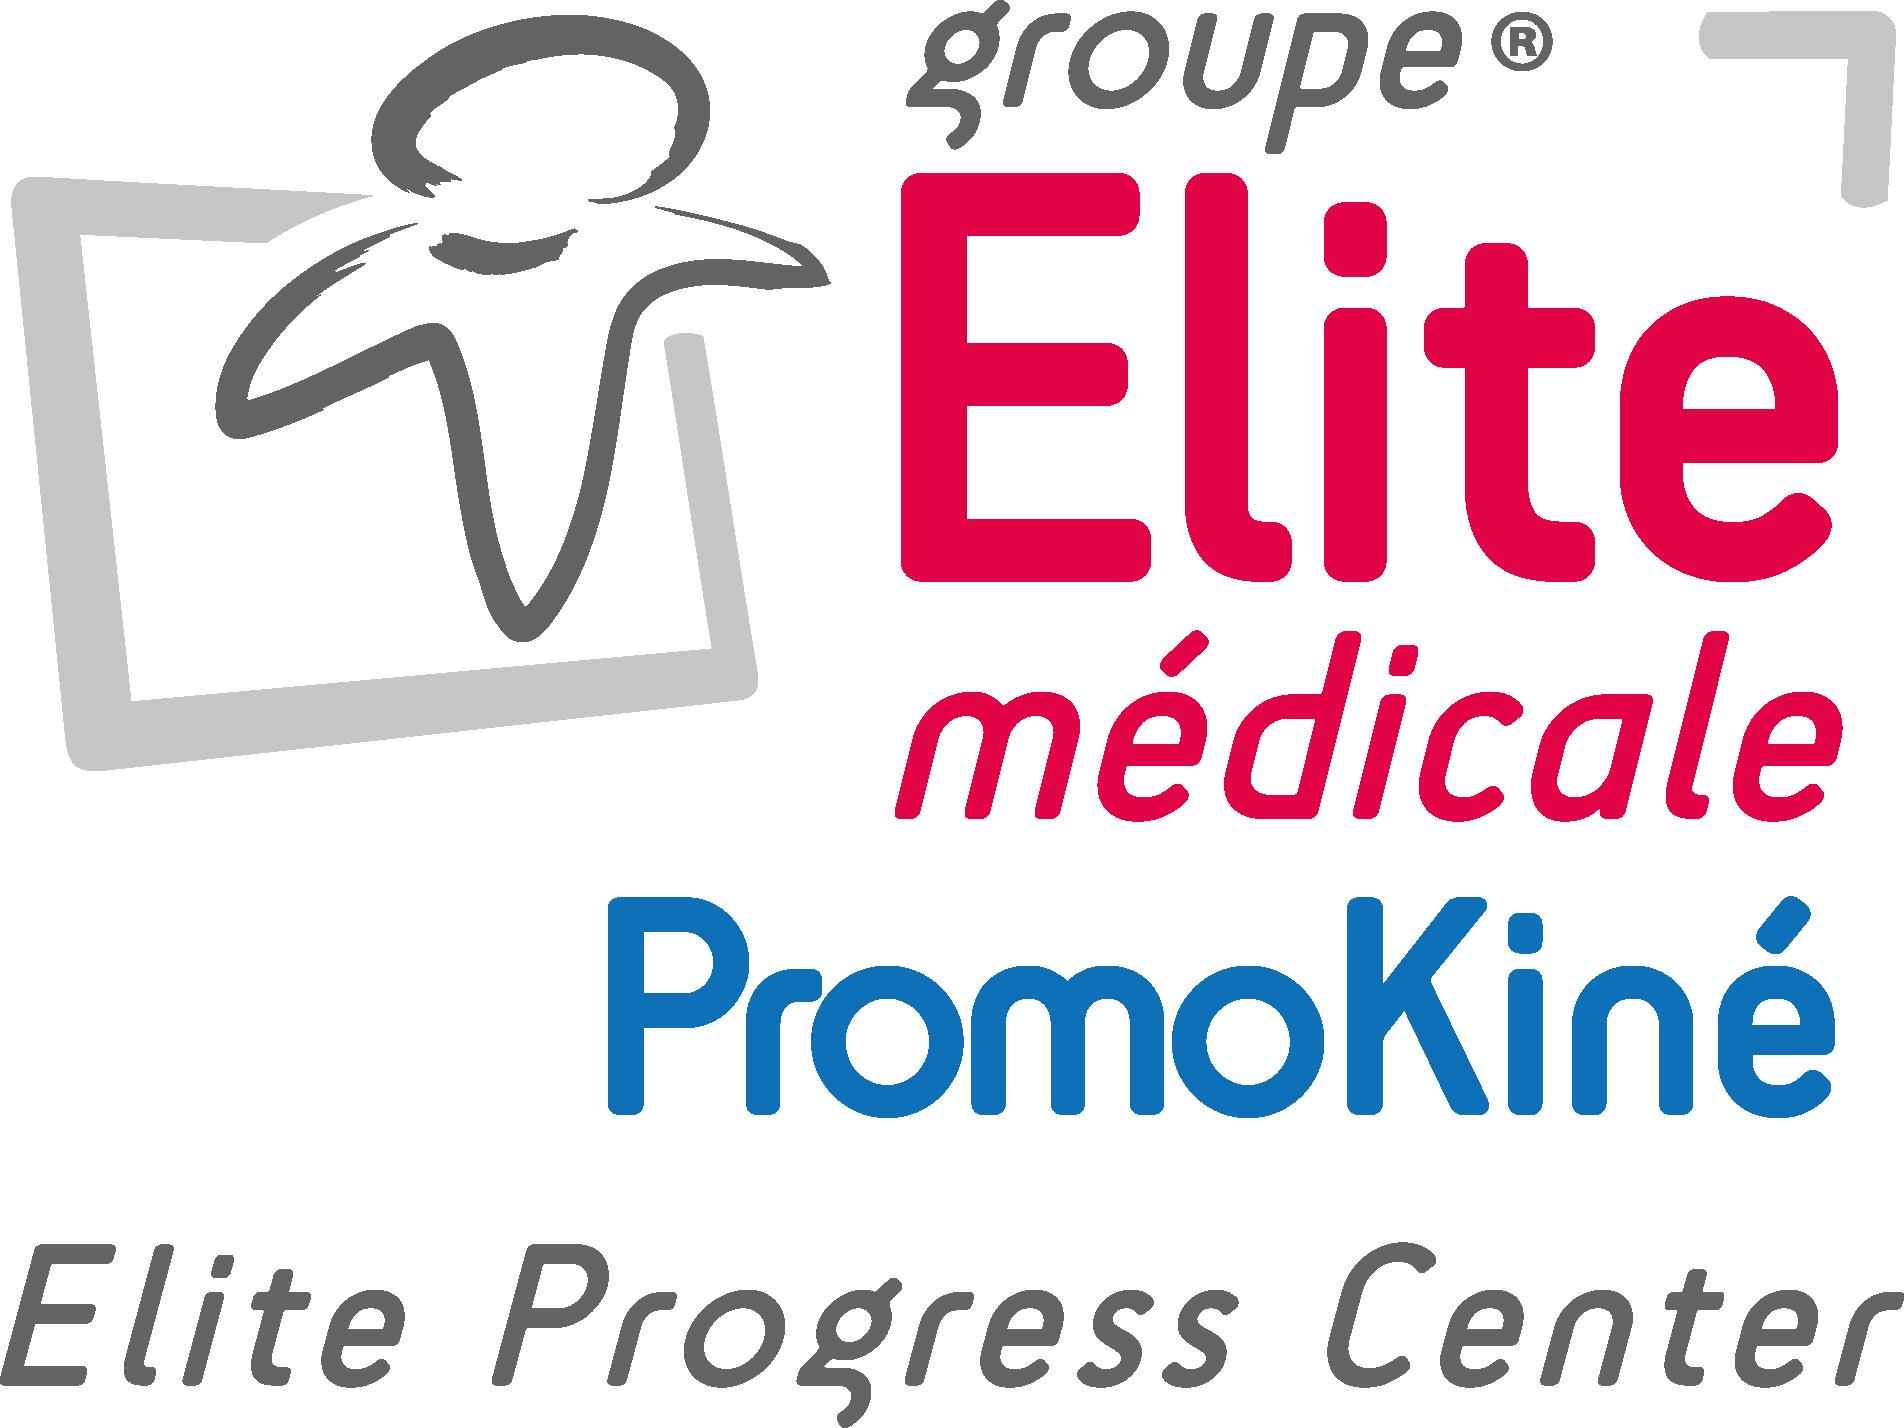 Elite Progress Center